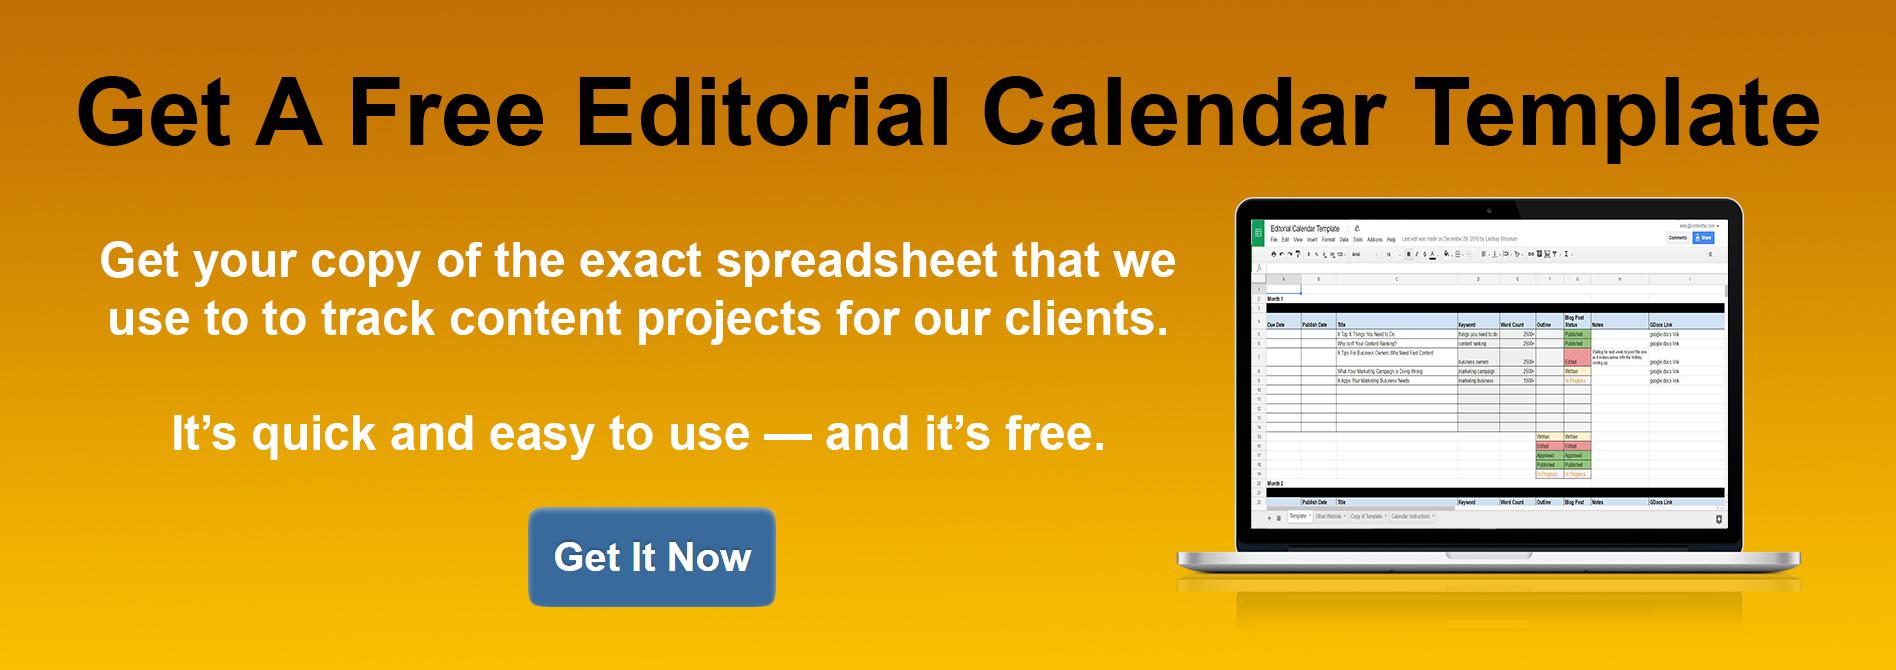 How To Develop A Blog Content Calendar Free Template Download - Blog content calendar template